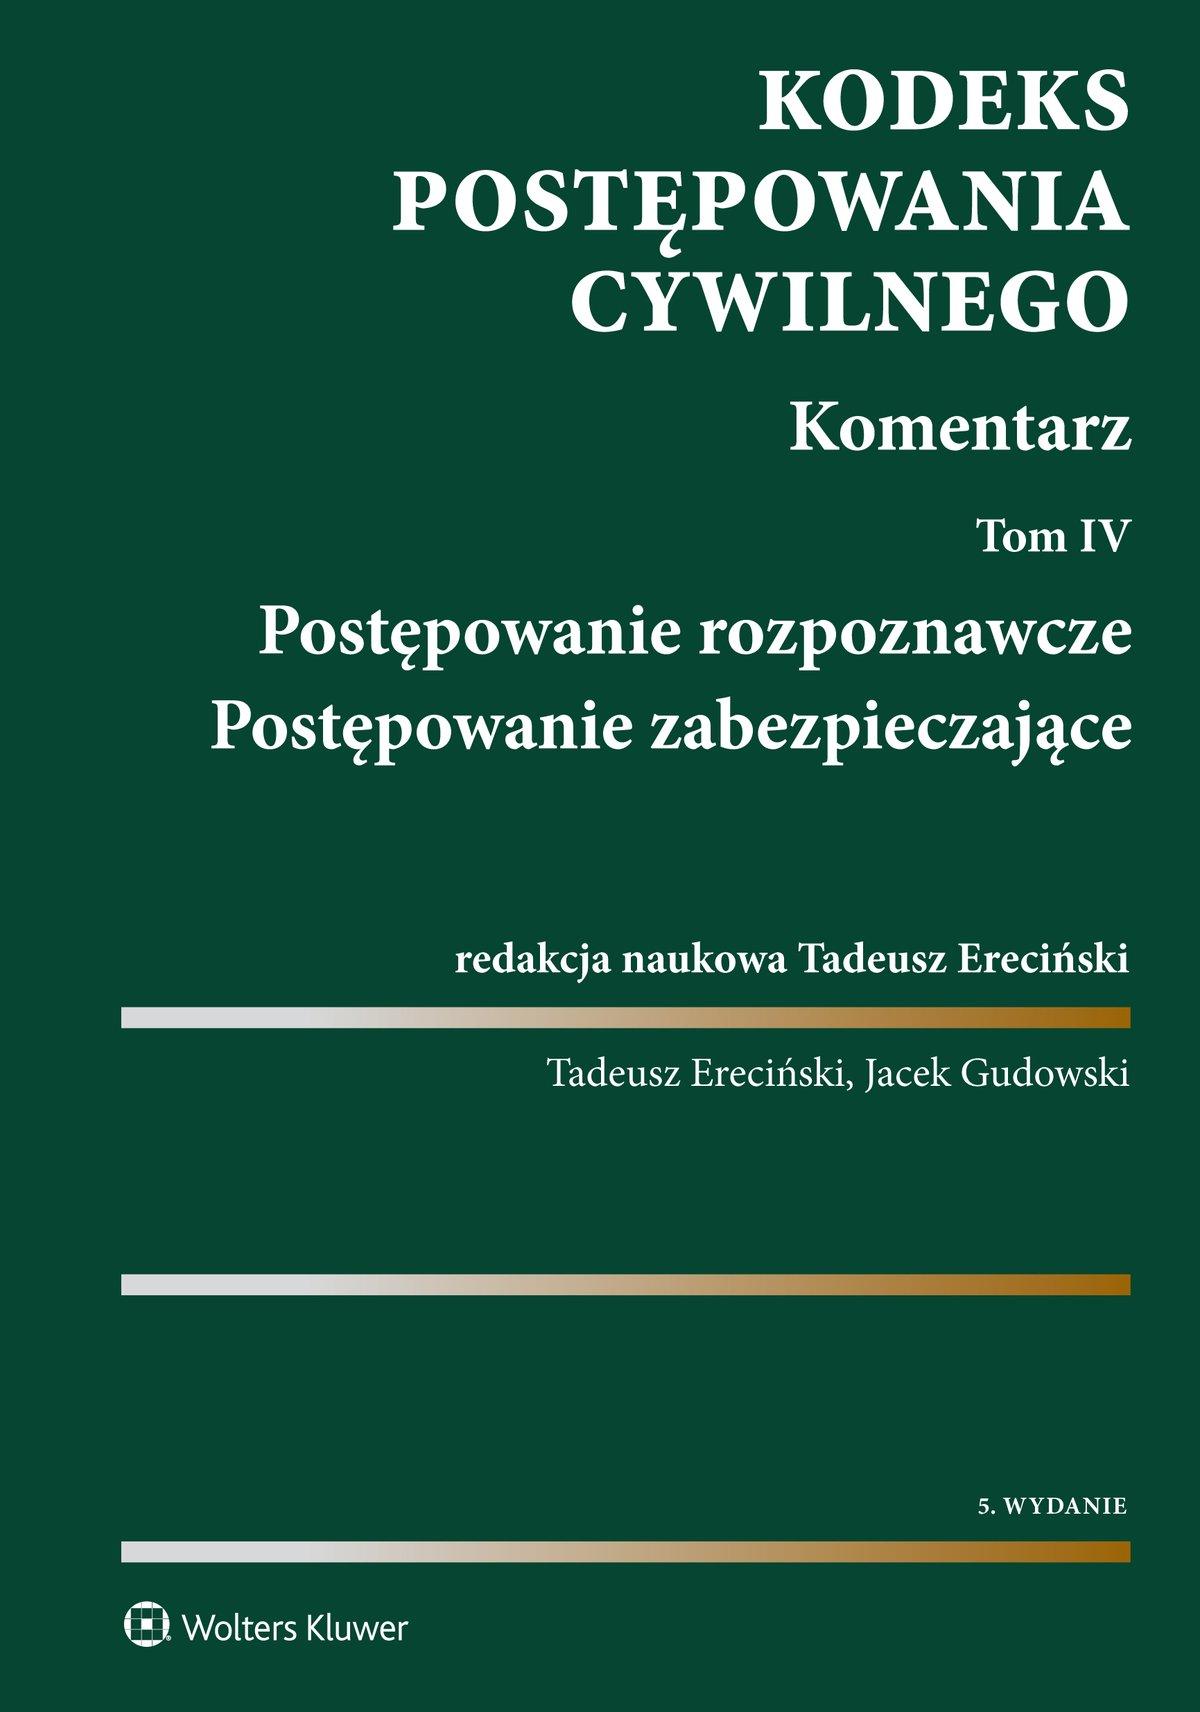 Kodeks postępowania cywilnego. Komentarz. Tom 4. Postępowanie rozpoznawcze. Postępowanie zabezpieczające - Ebook (Książka PDF) do pobrania w formacie PDF